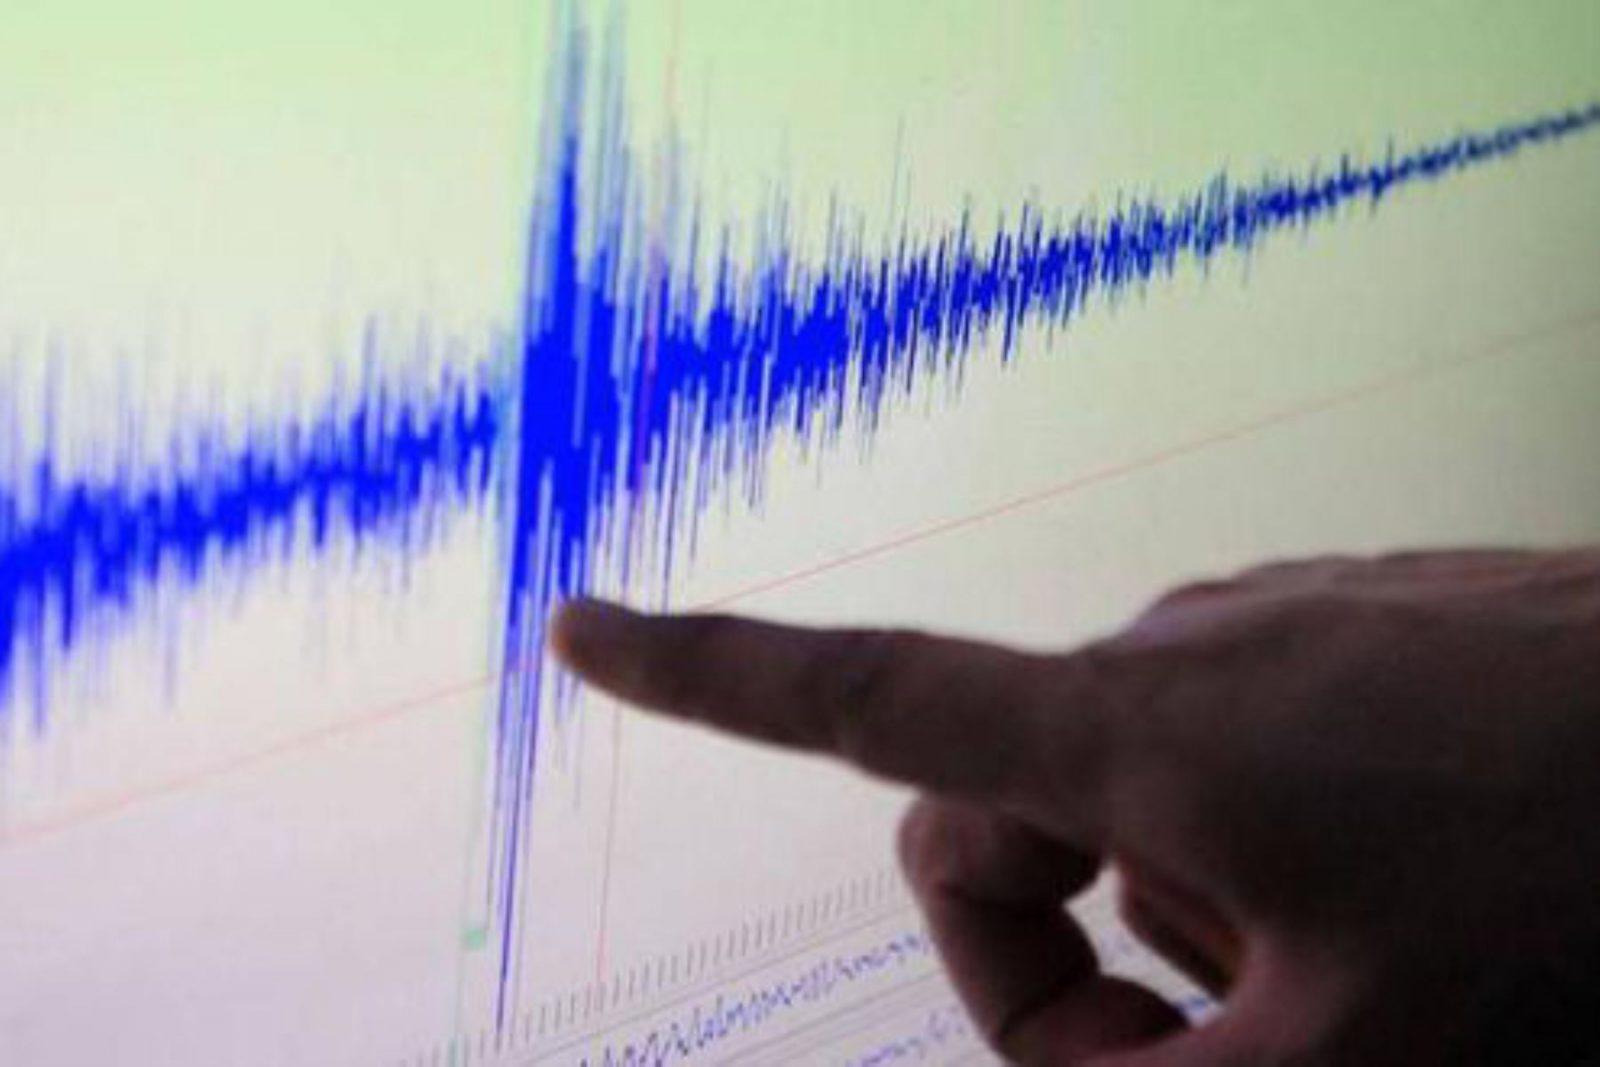 Conozca la diferencia entre temblor, sismo y terremoto